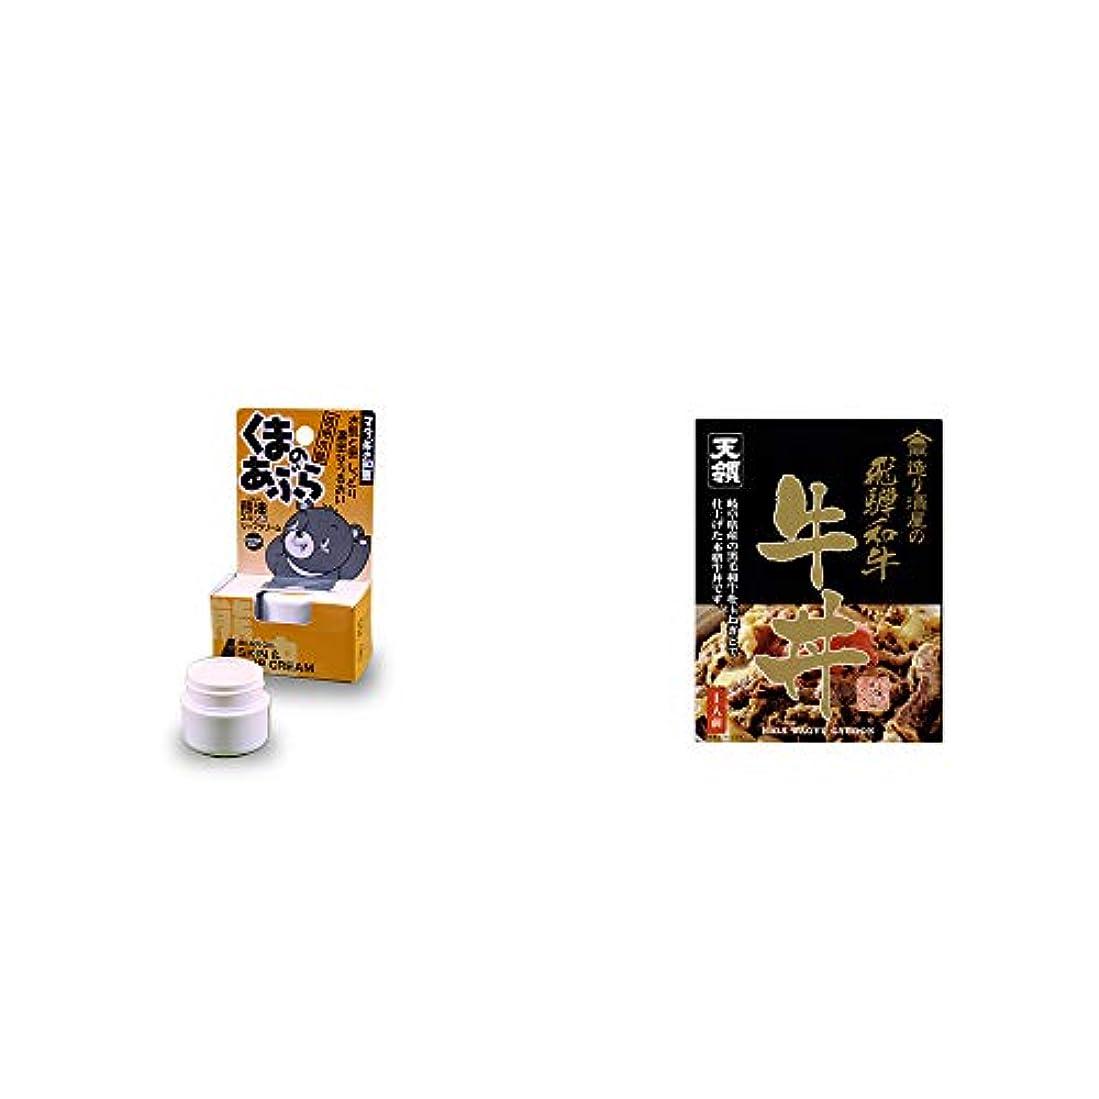 見えない厳しい画像[2点セット] 信州木曽 くまのあぶら 熊油スキン&リップクリーム(9g)?天領酒造 造り酒屋の飛騨和牛 牛丼(1人前)